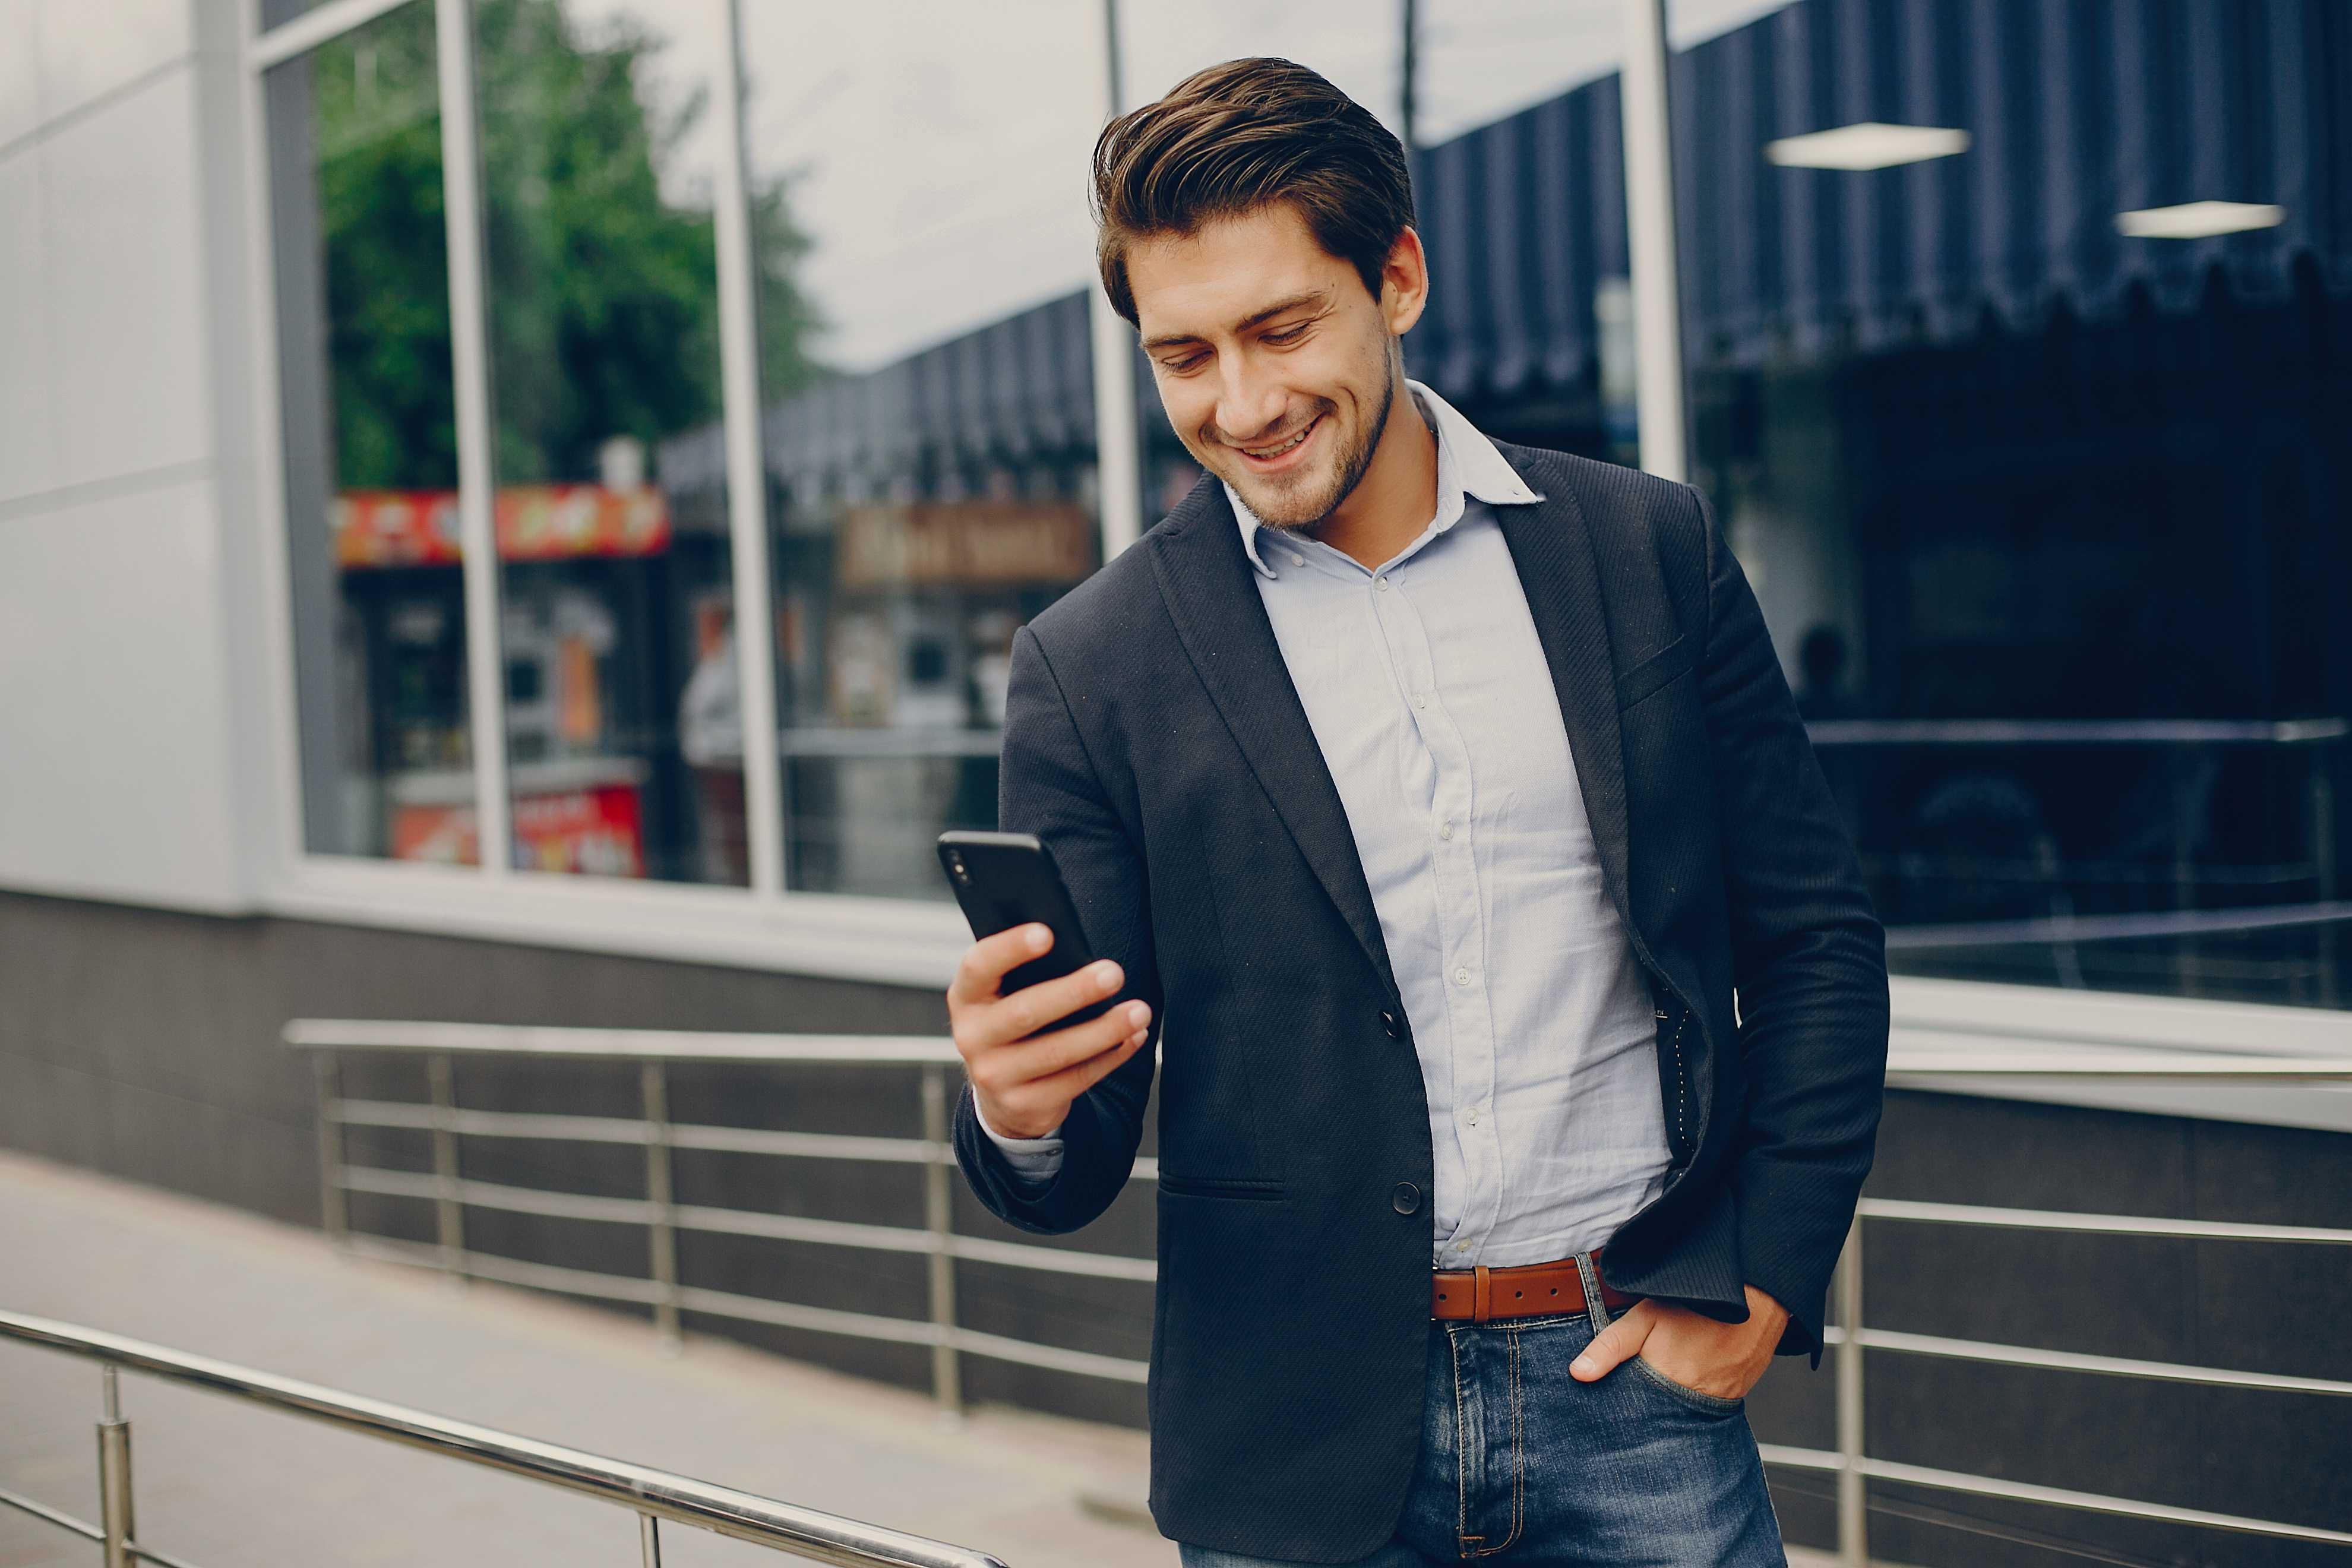 Telefone celular: saiba como escolher o melhor plano para sua empresa